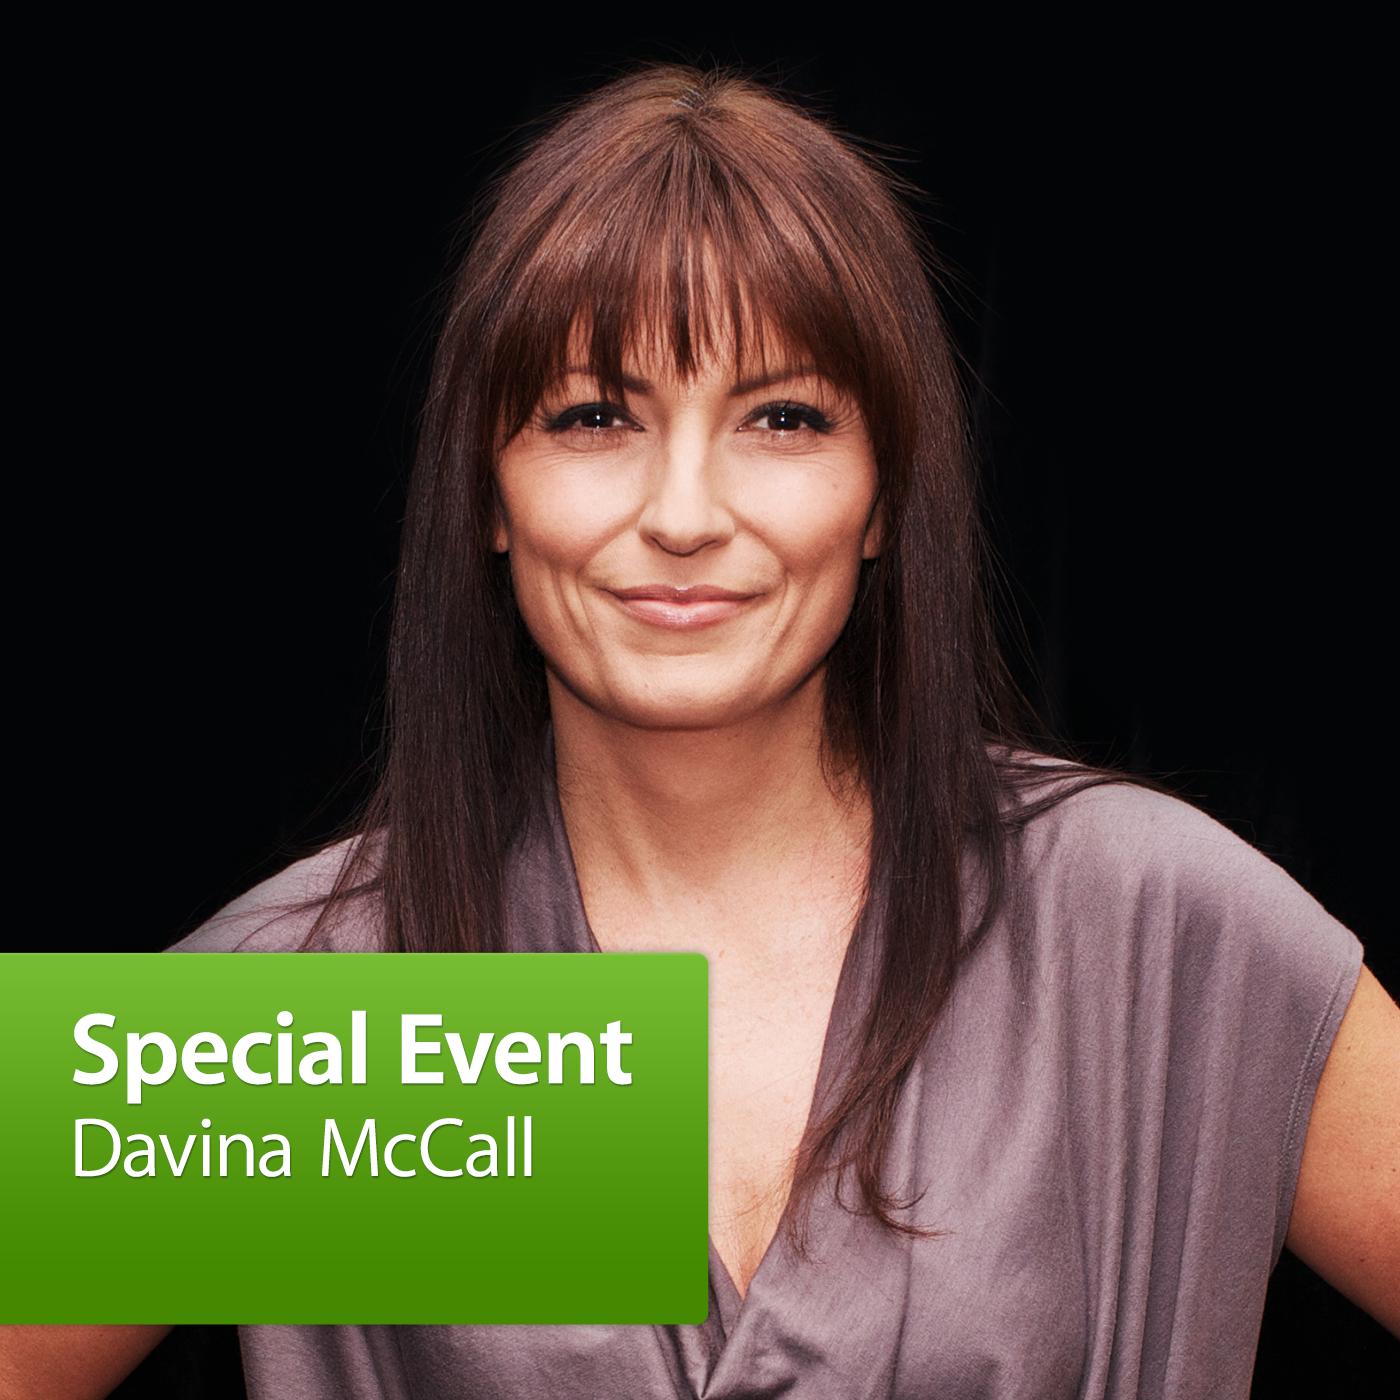 Davina McCall: Special Event